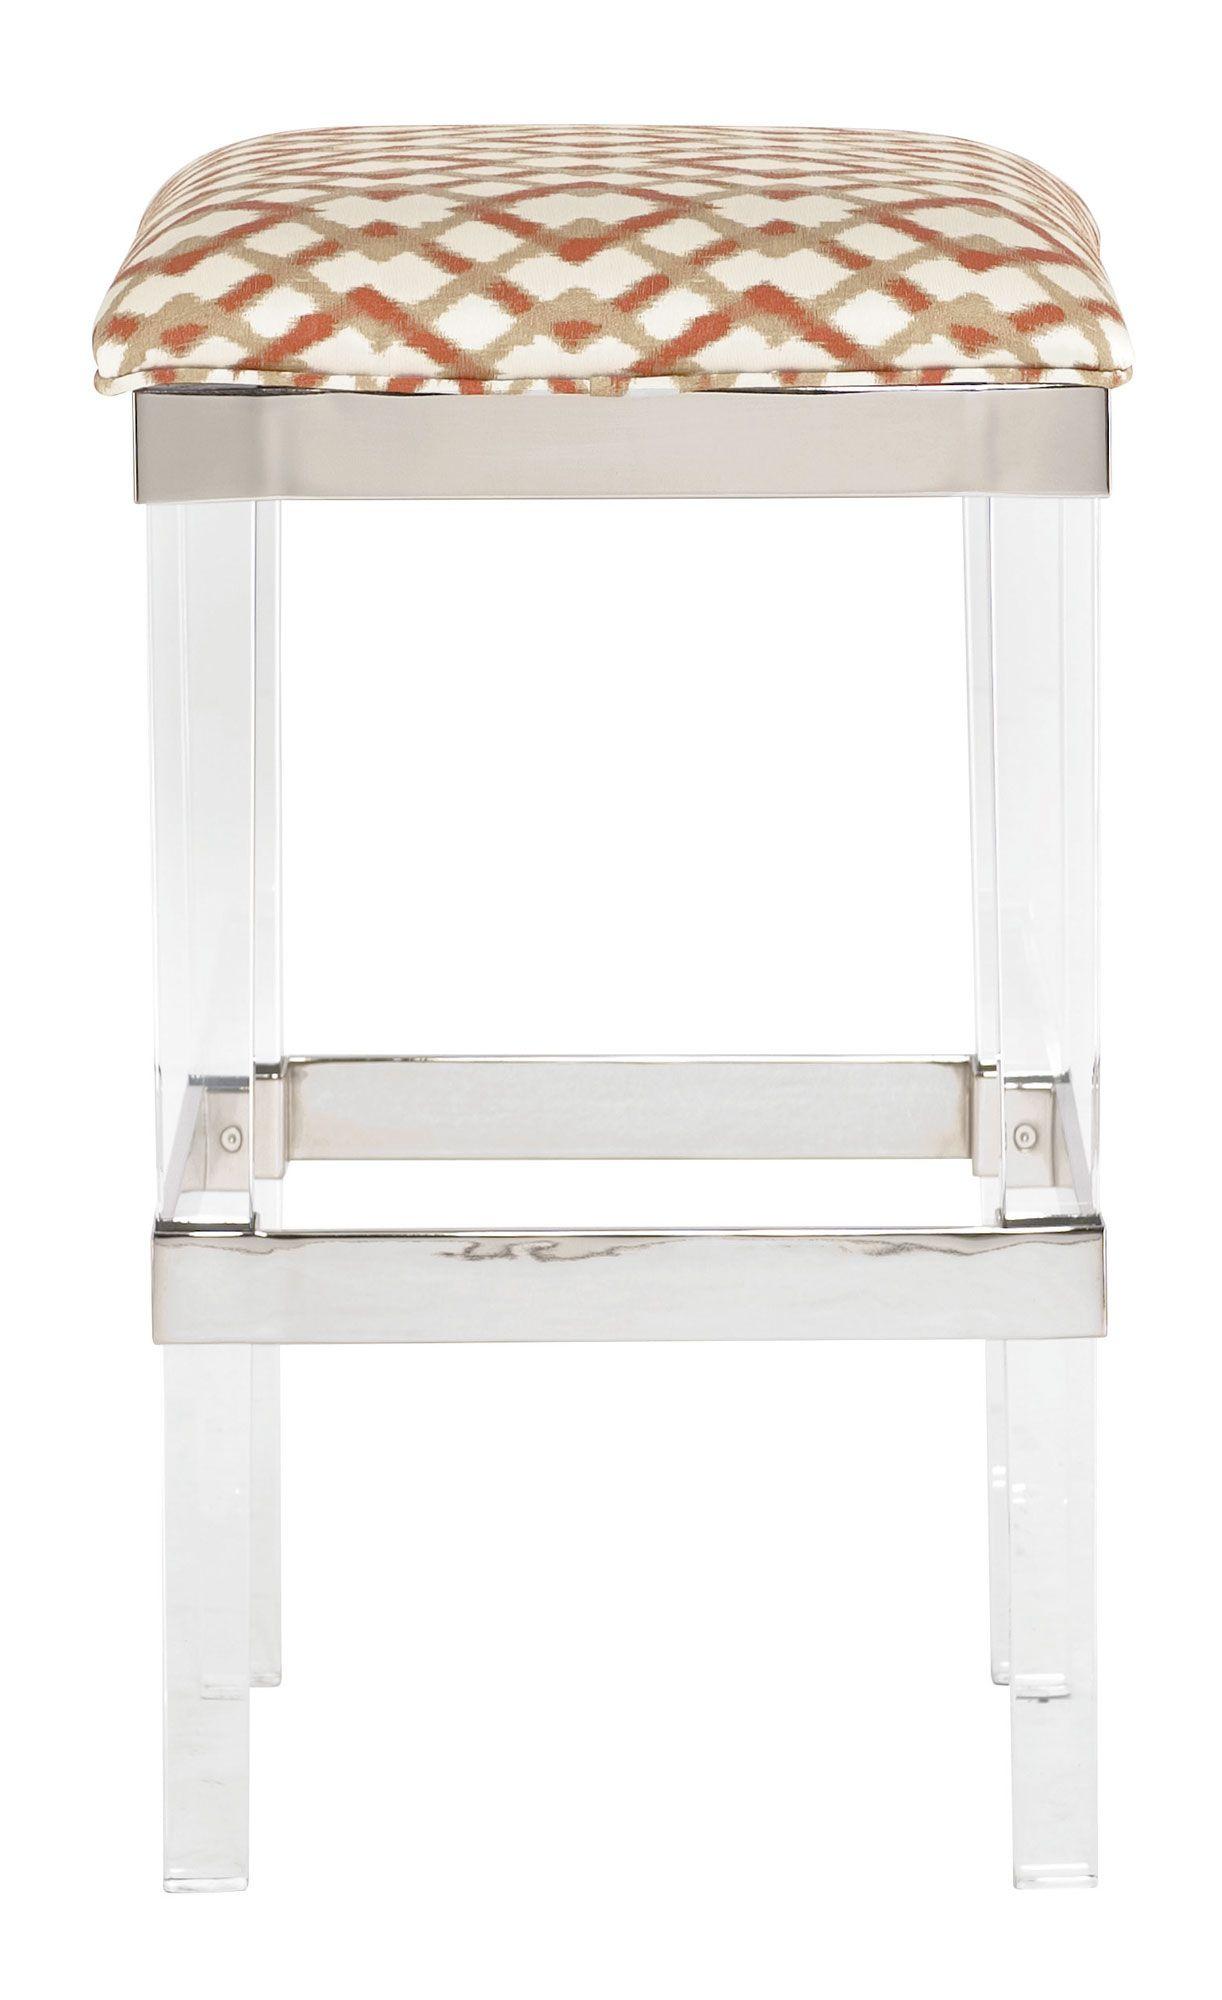 soho luxe bar stool bernhardt w 17 d 17 h 29 lucite